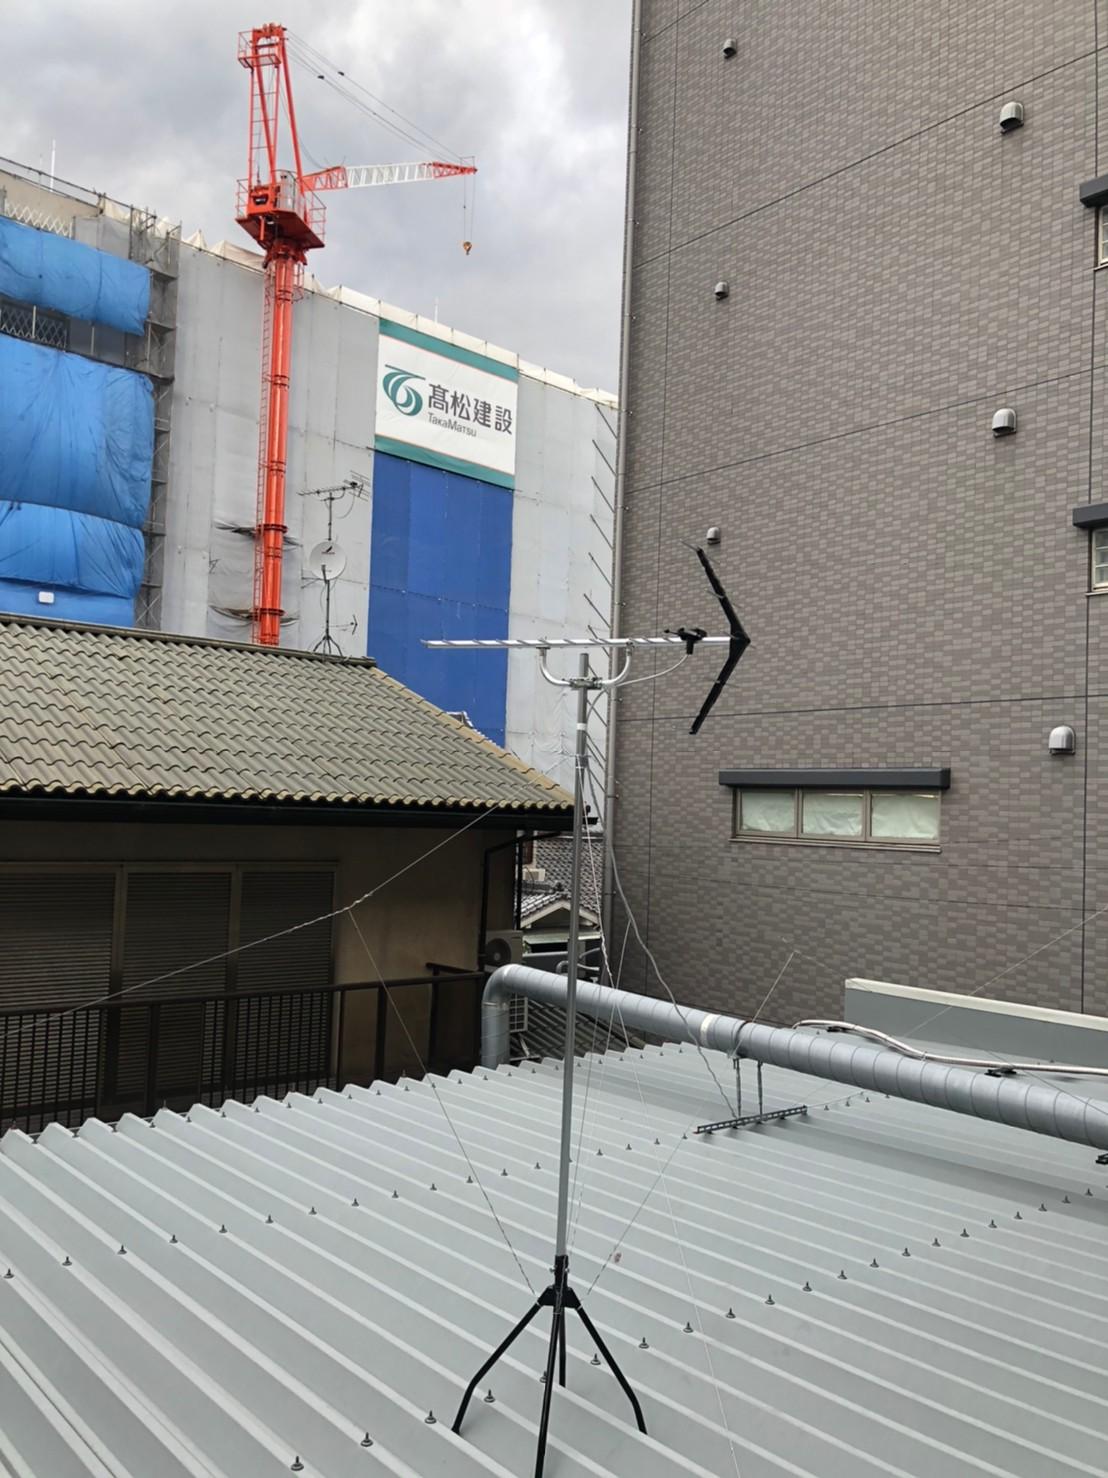 奈良県北葛城郡 地デジヤギ式アンテナダイレクト取付設置工事